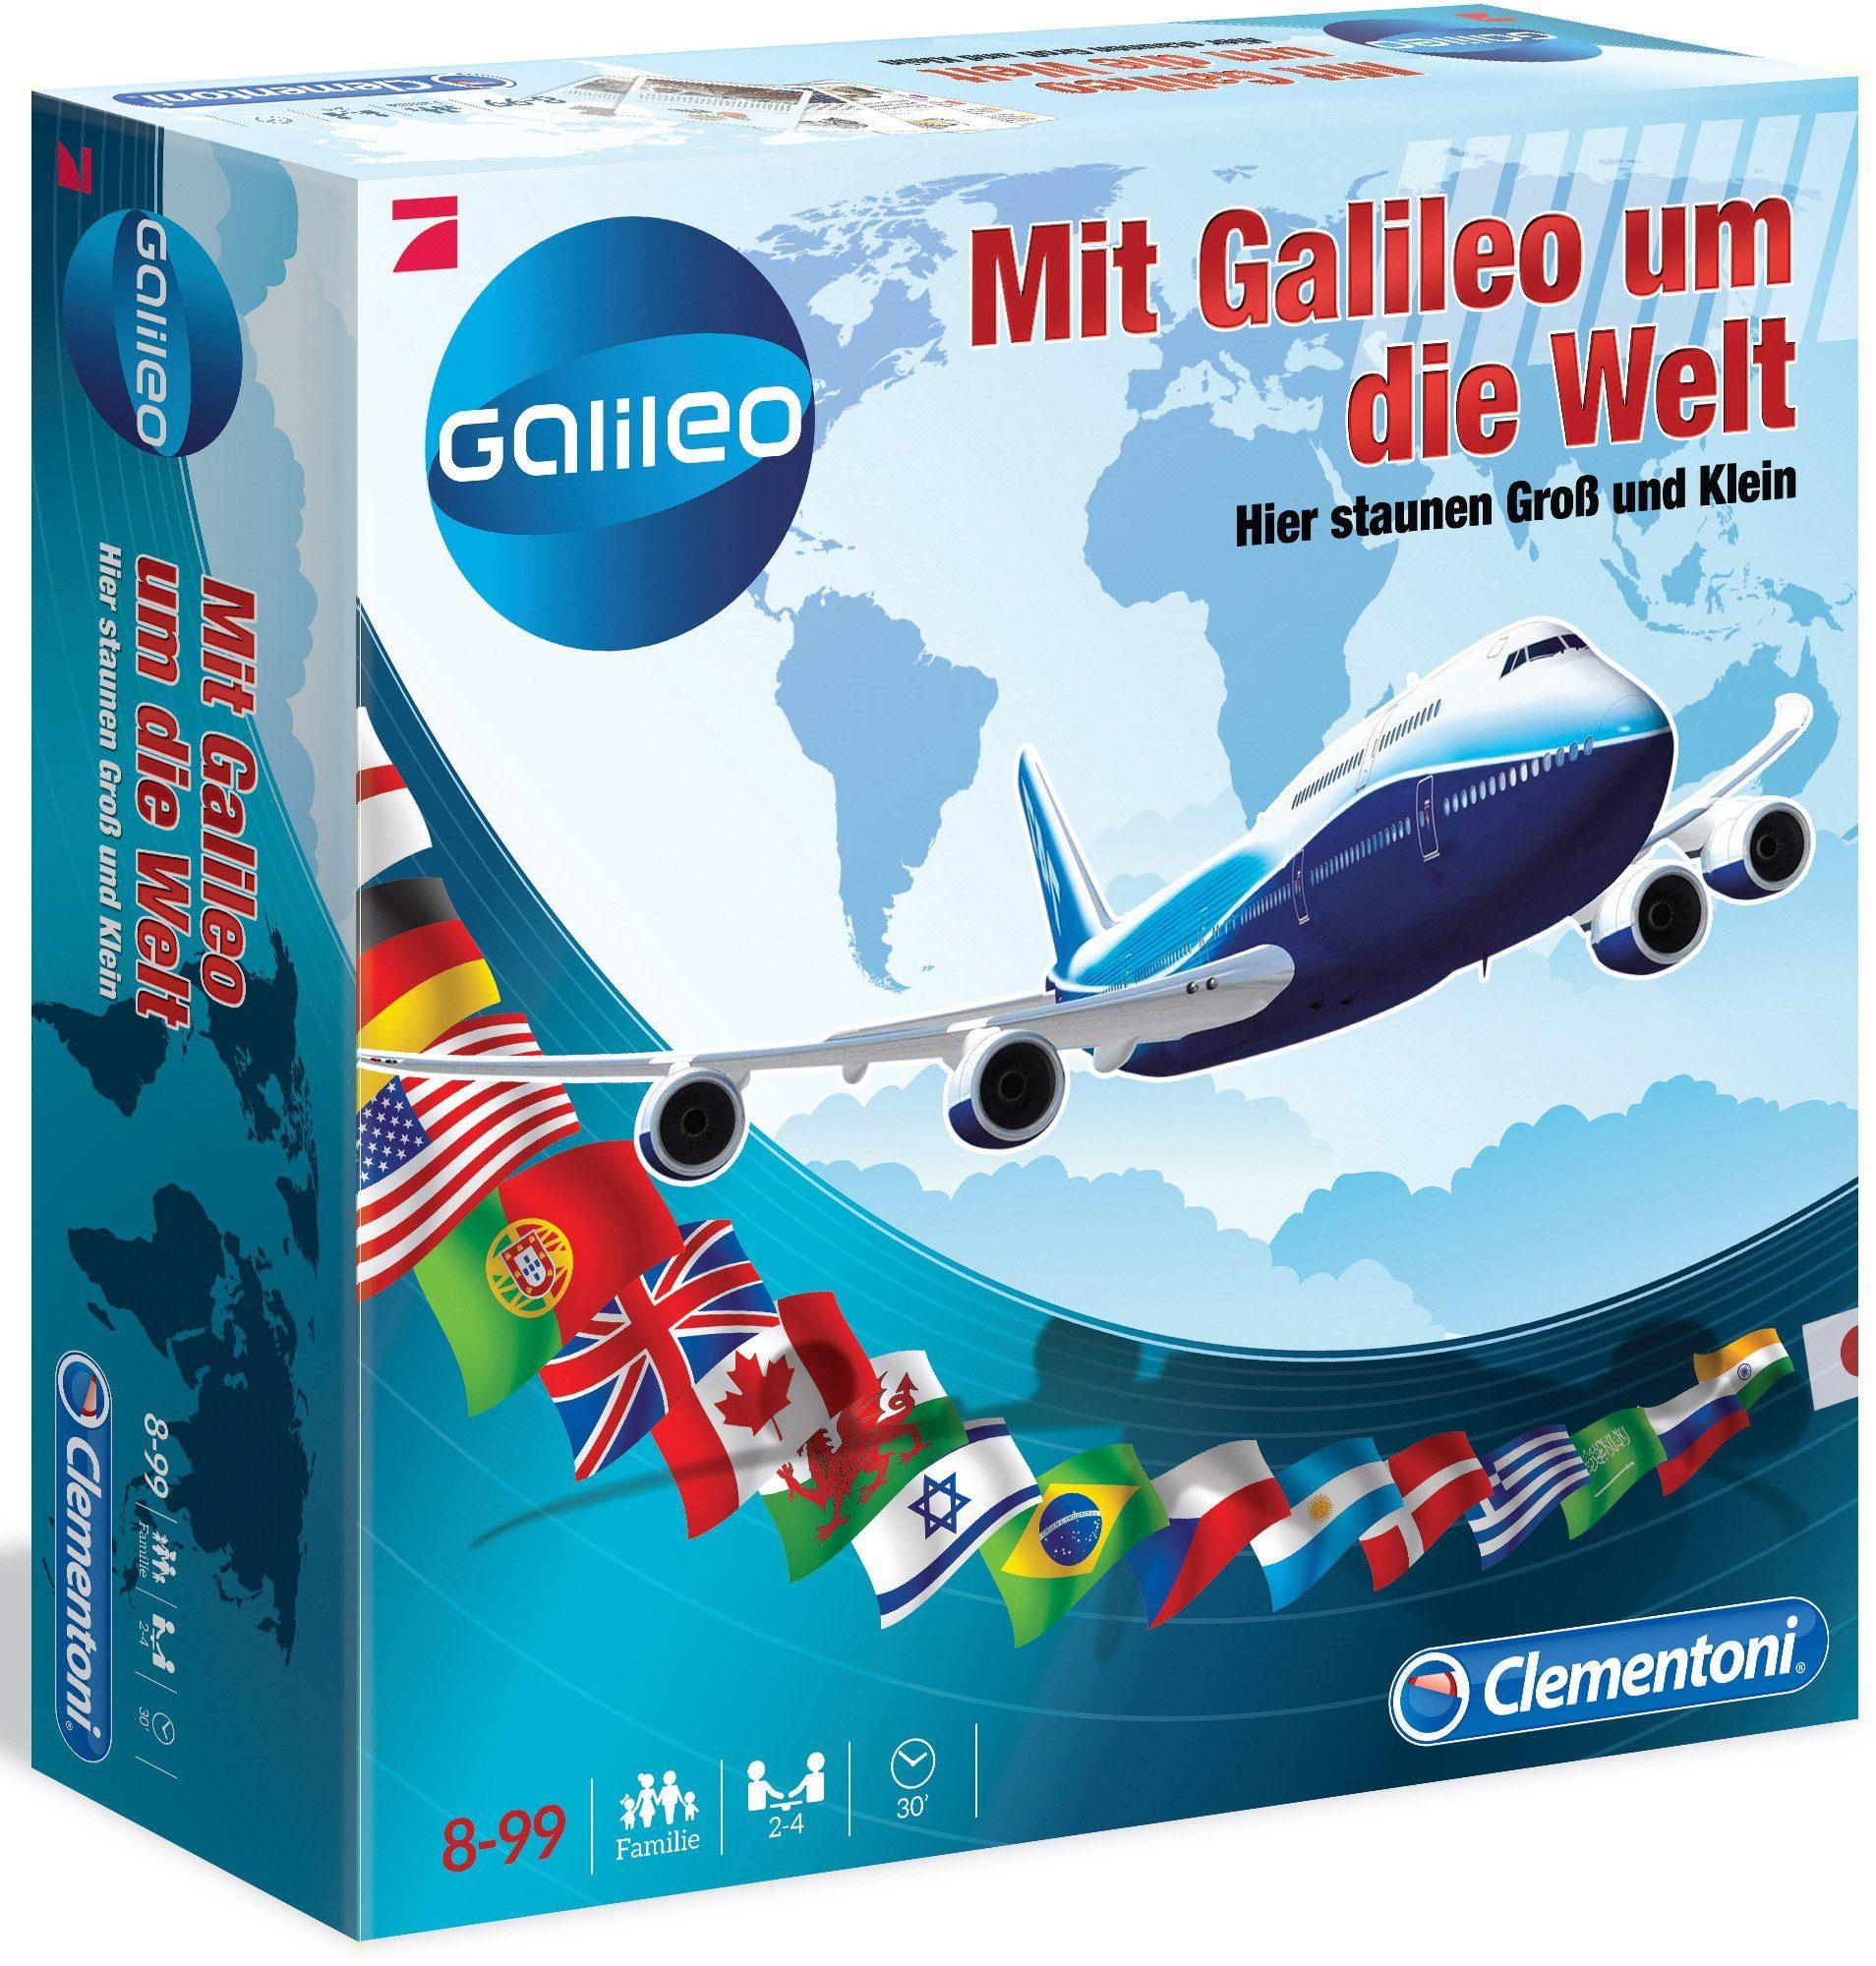 Clementoni Quizspiel, »Mit Galileo um die Welt«